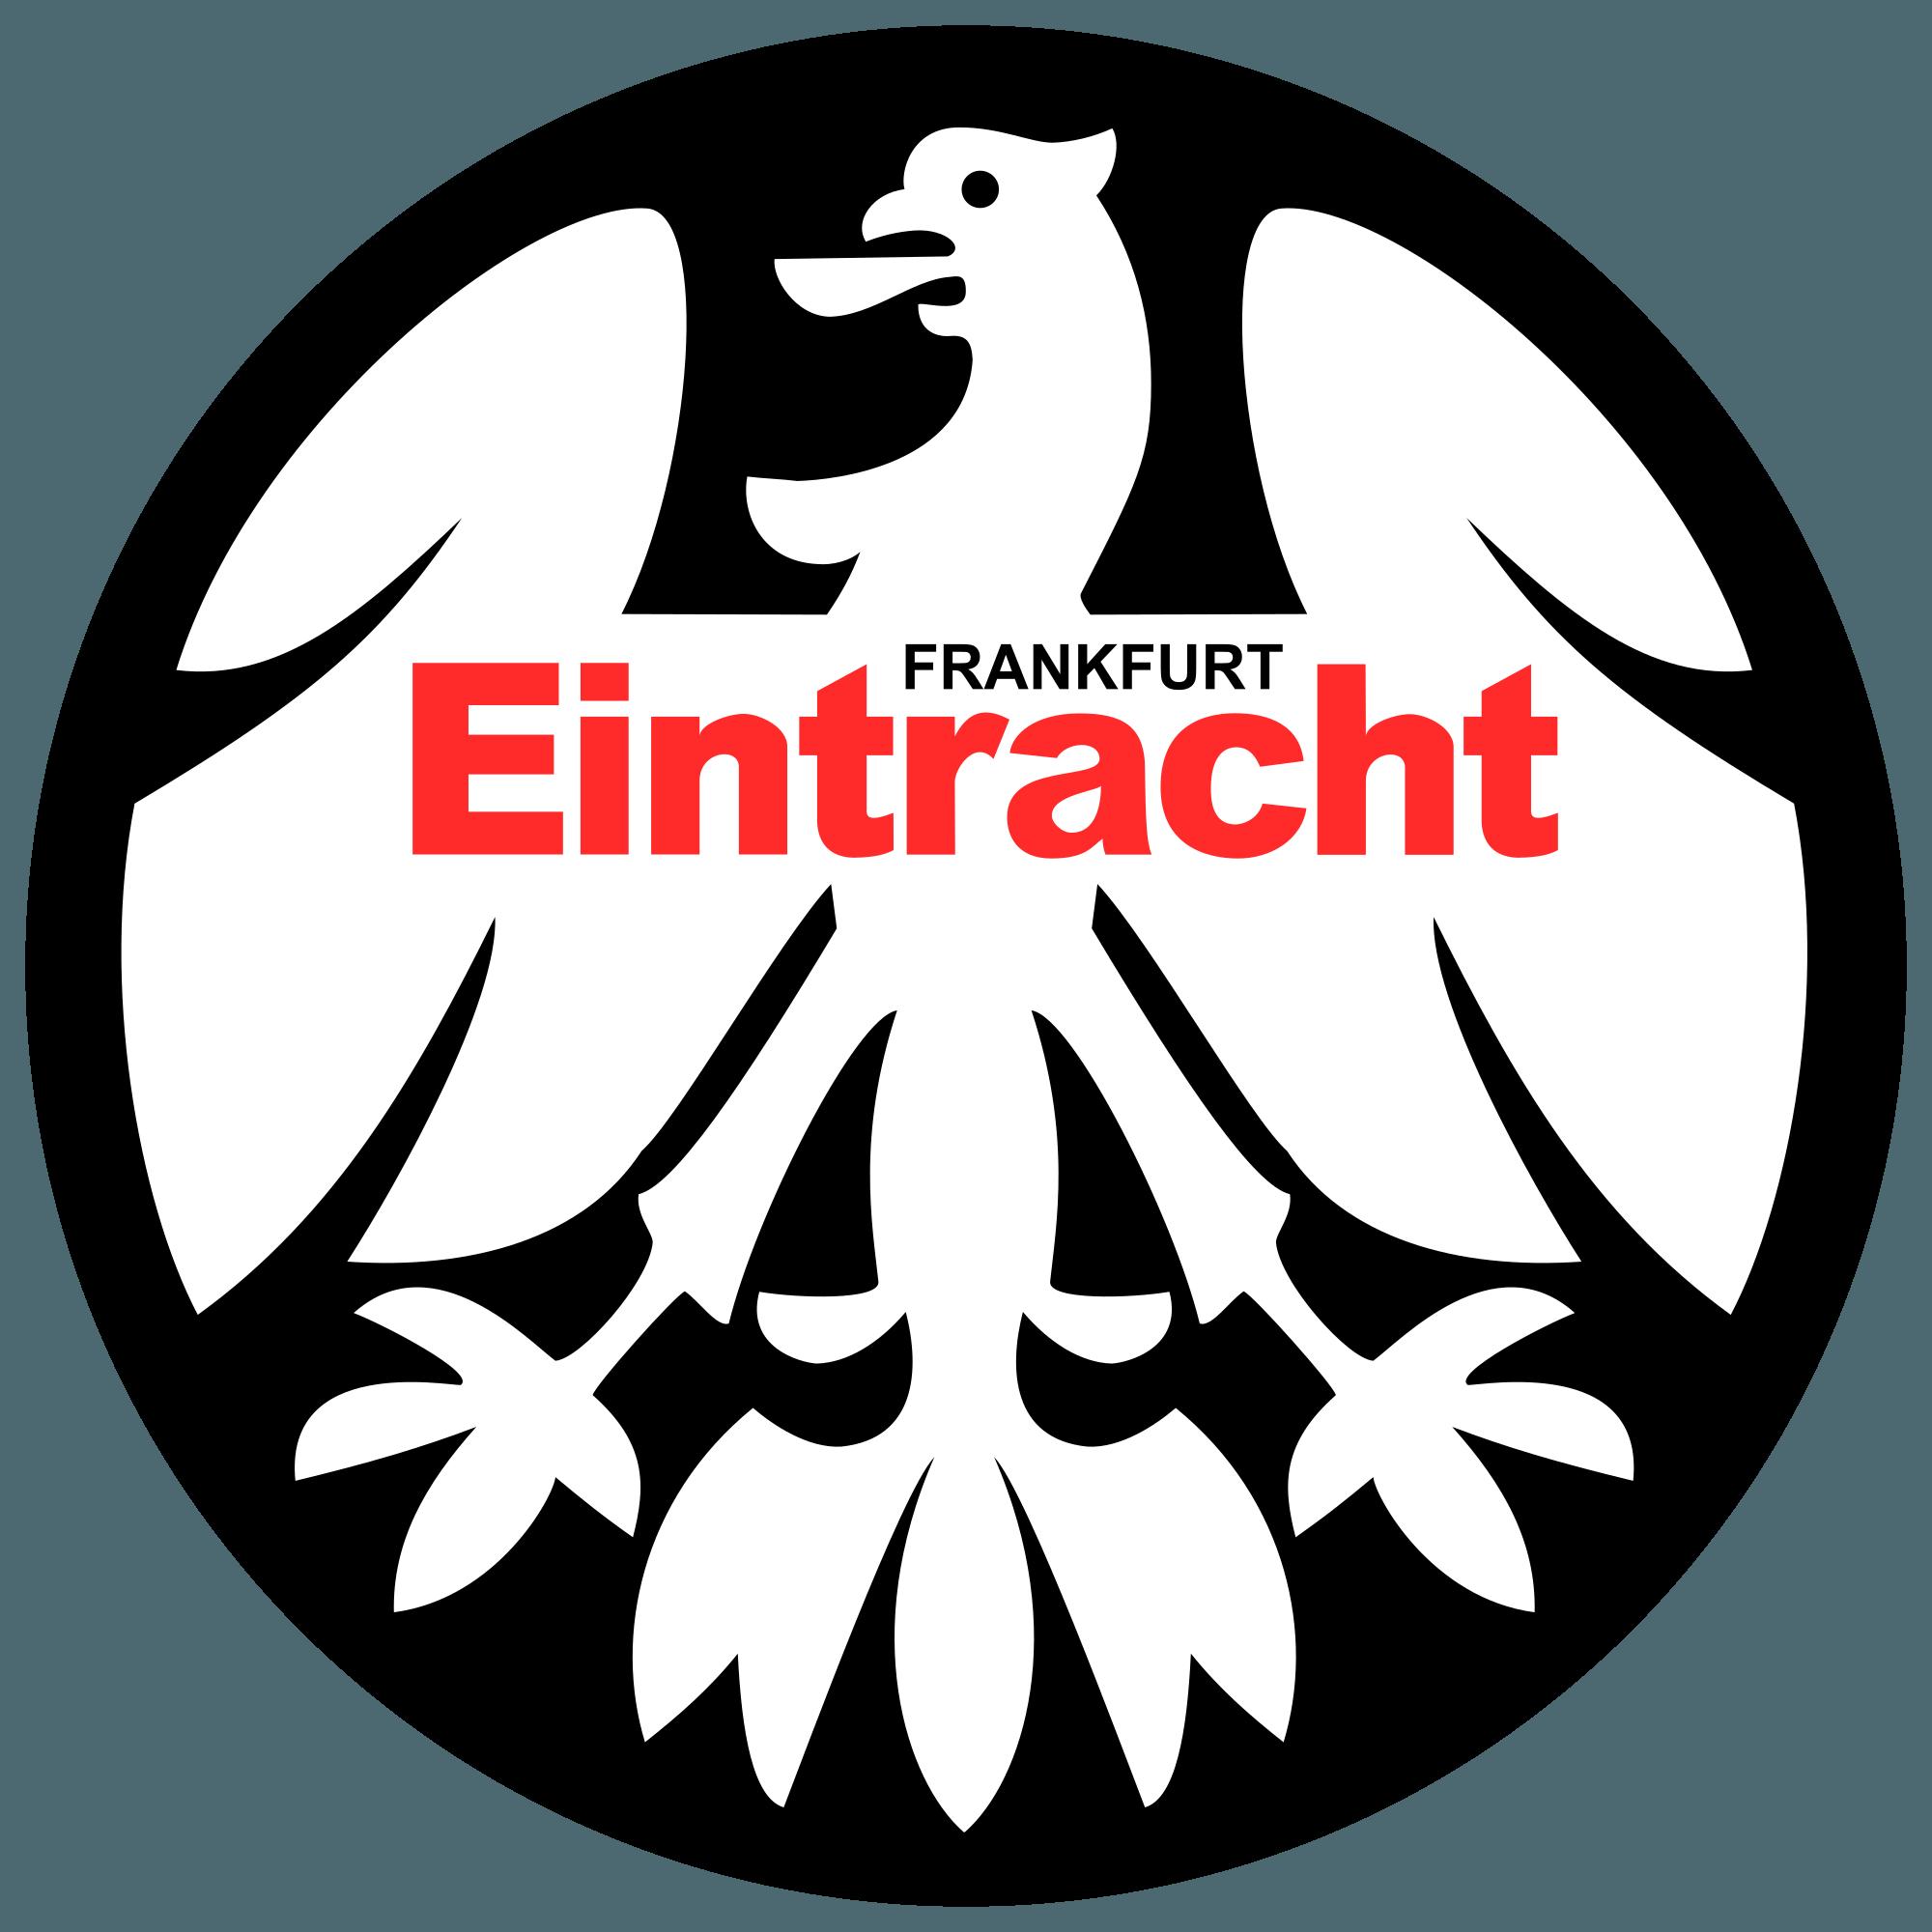 Eintracht Logo - Pluspng - Eintracht Logo PNG